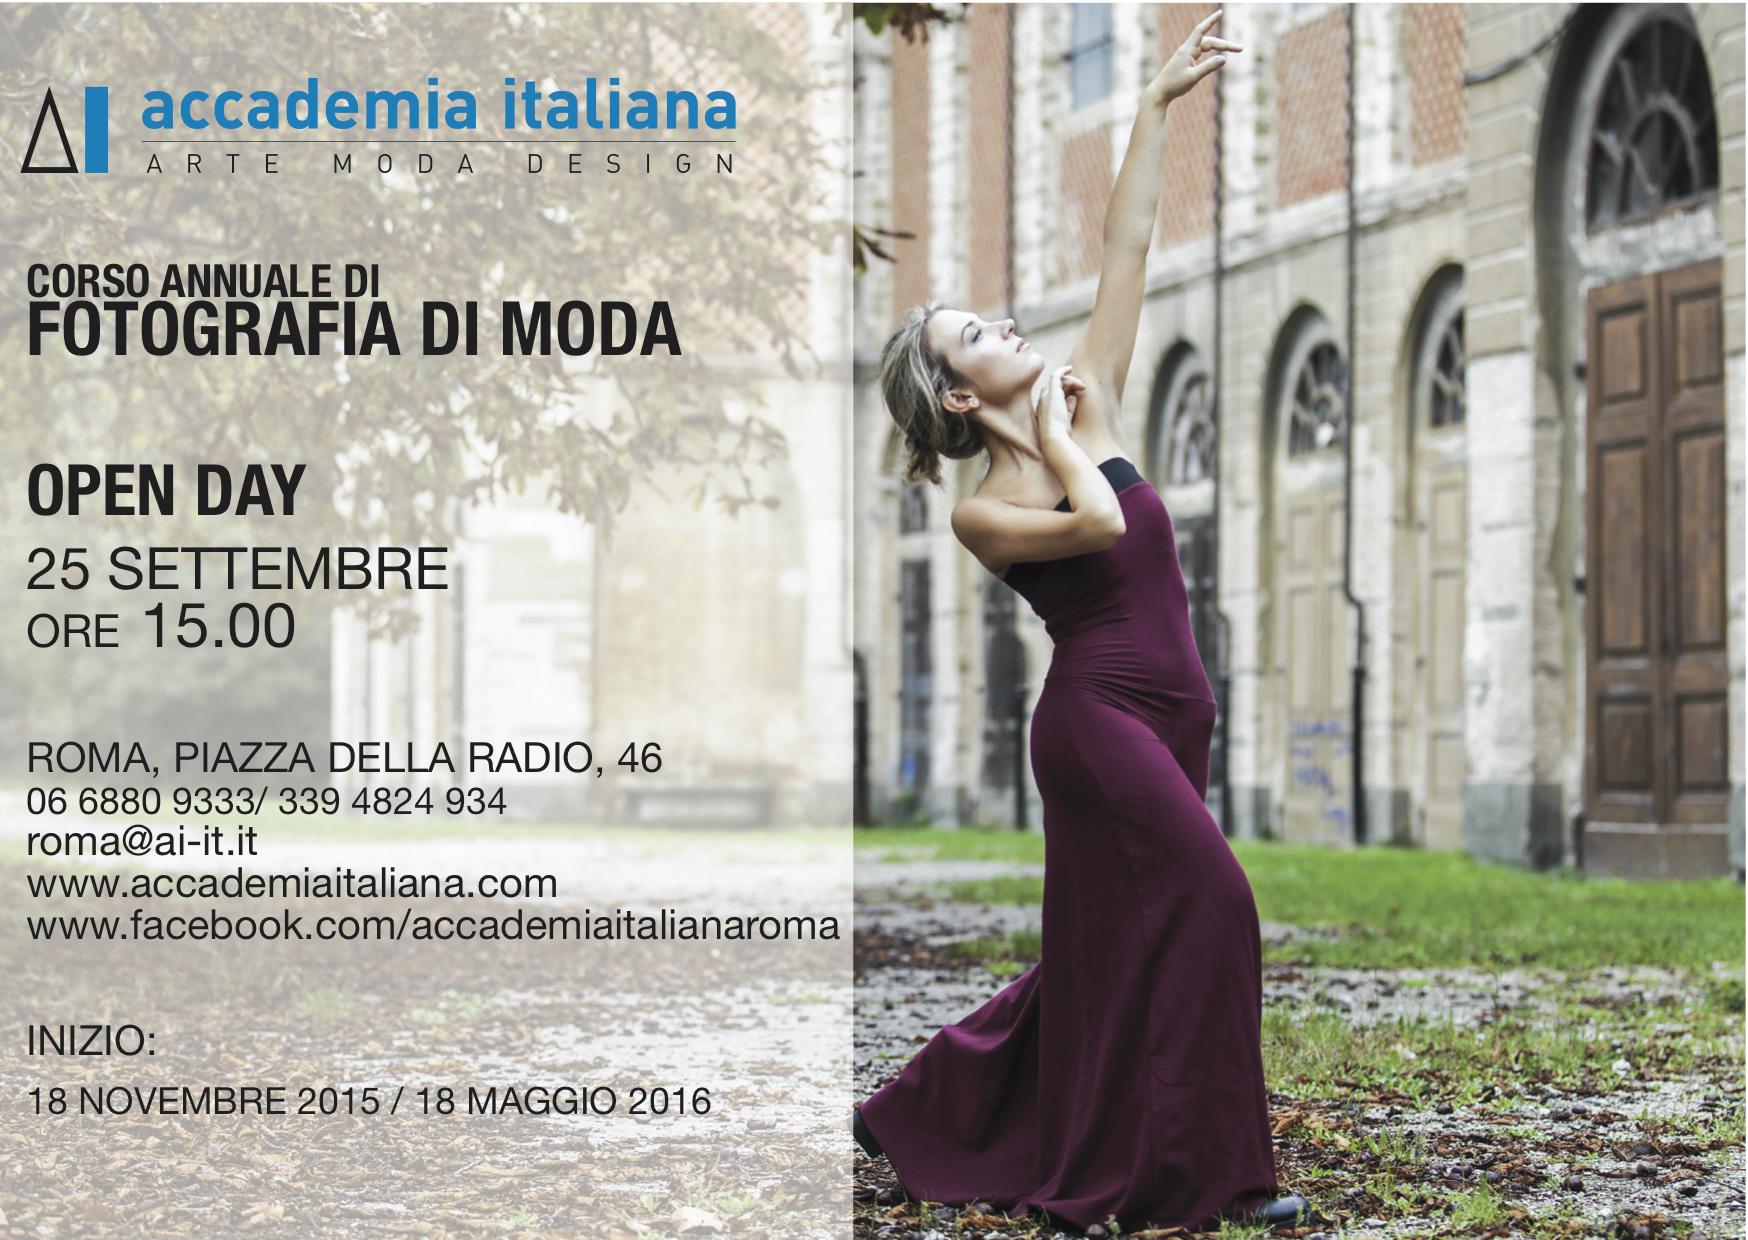 Open day corso annuale fotografia di moda 25 settembre for Accademia della moda milano